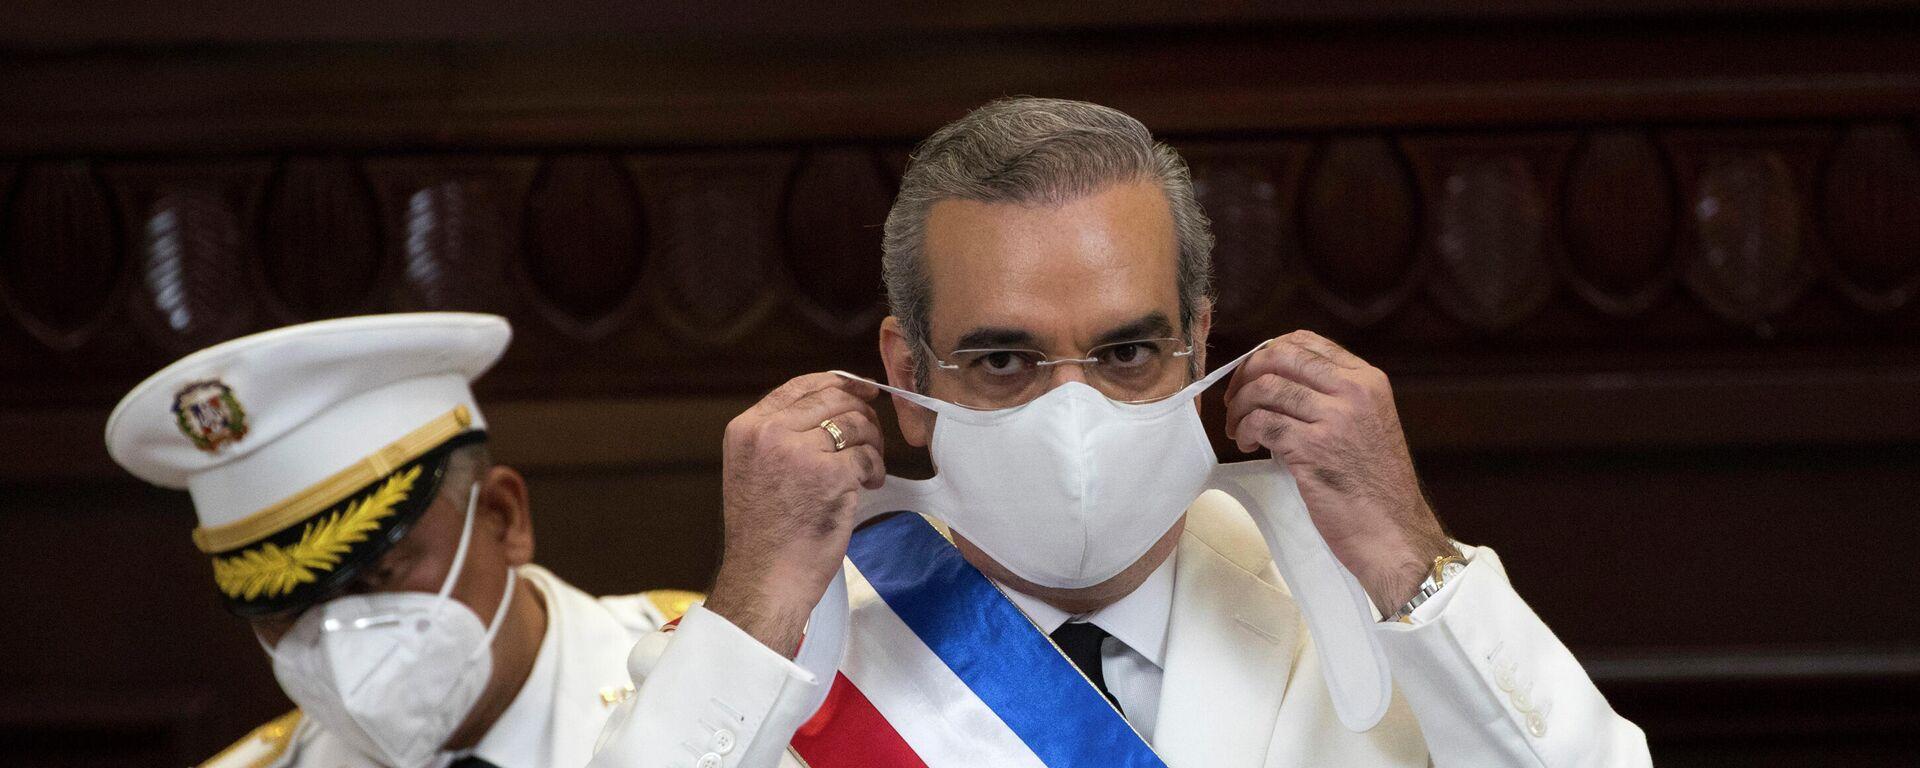 Luis Abinader, presidente de la República Dominicana - Sputnik Mundo, 1920, 07.07.2021